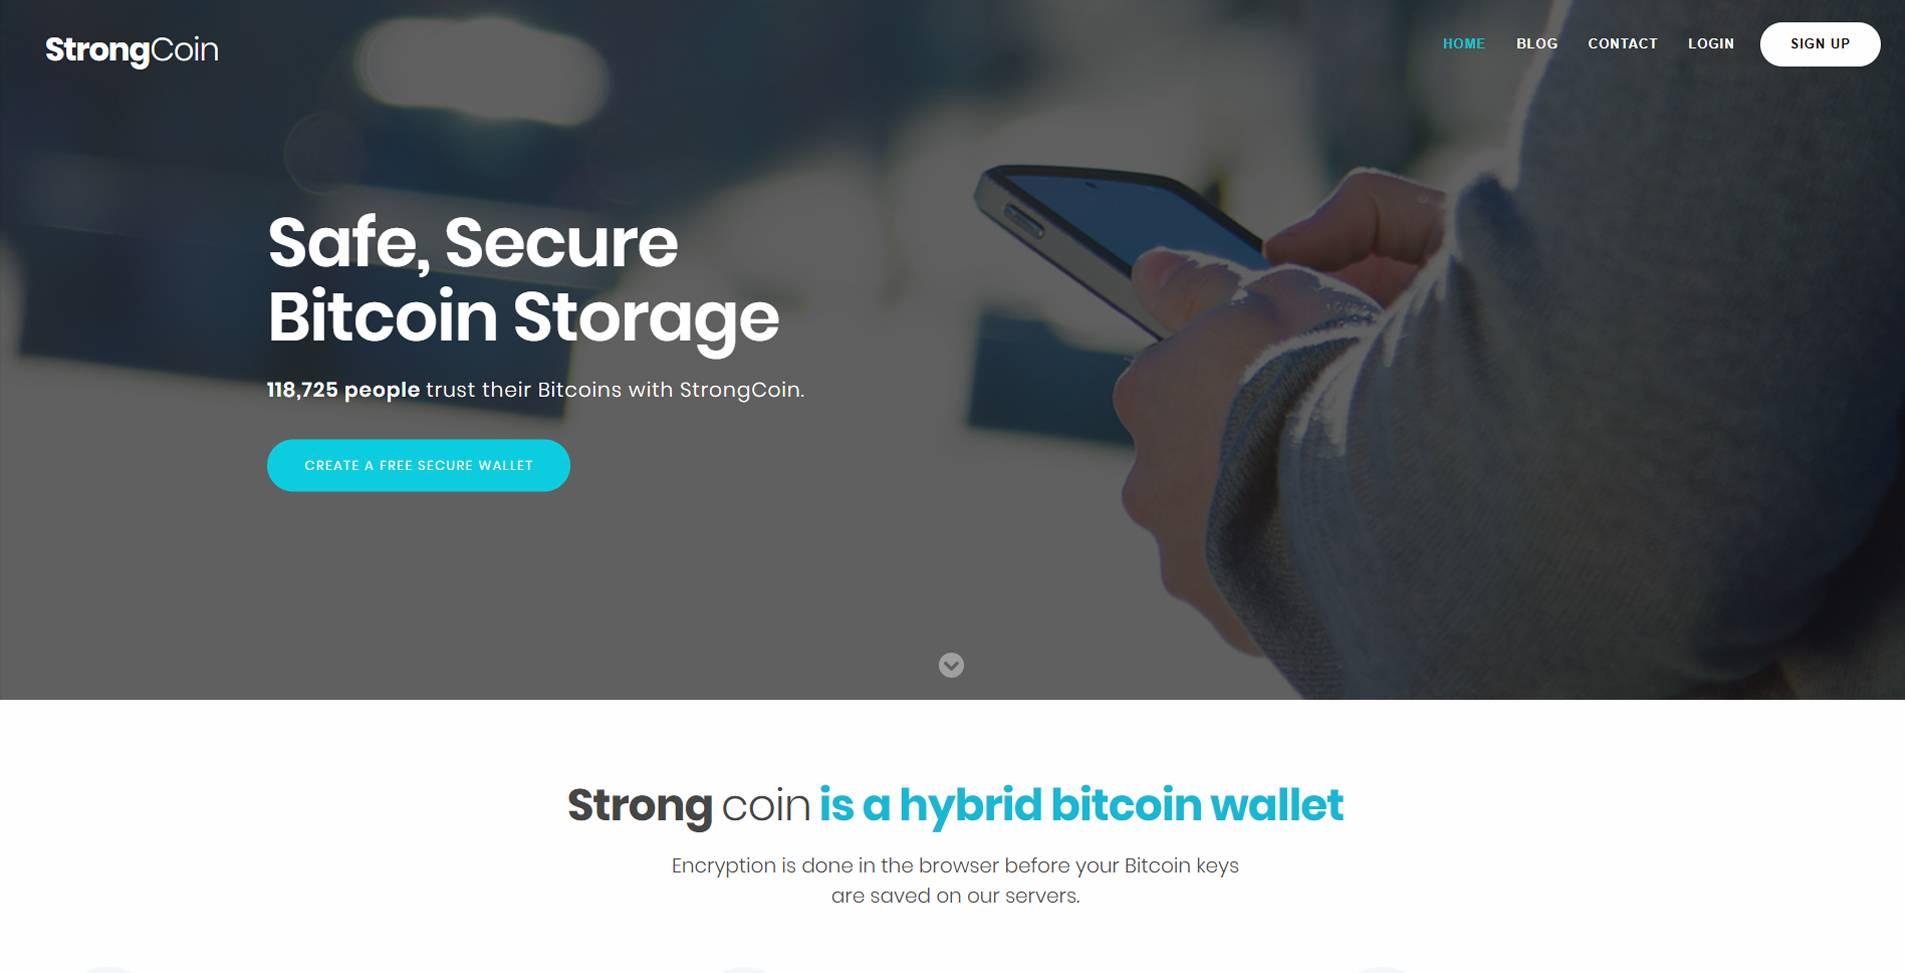 StrongCoin